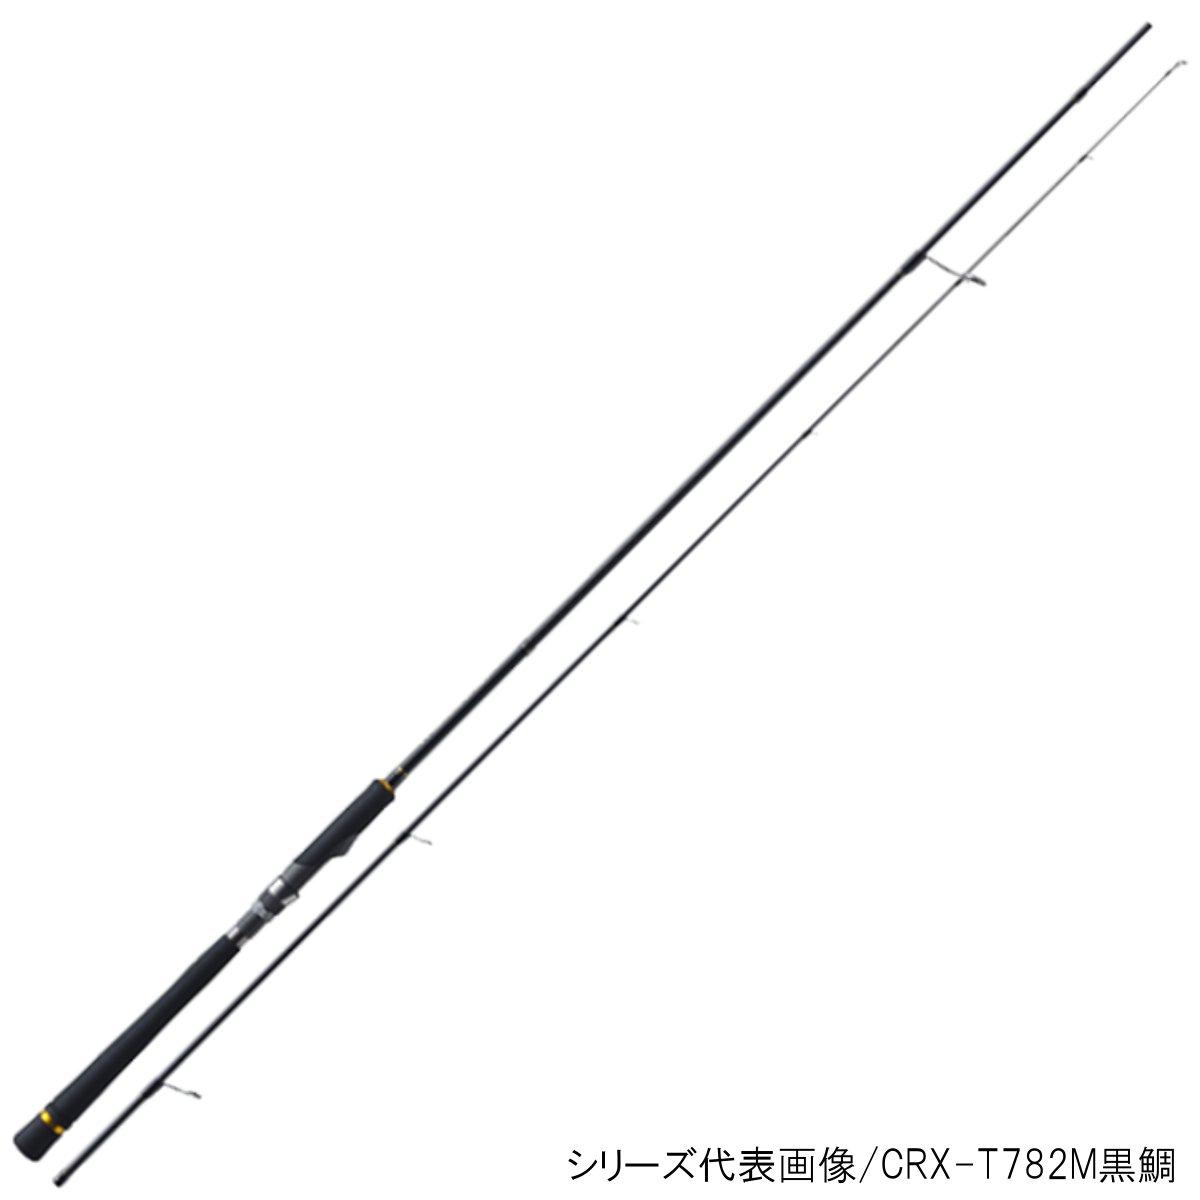 【8日最大8千円オフクーポン!】メジャークラフト クロステージ CRX-T802ML黒鯛